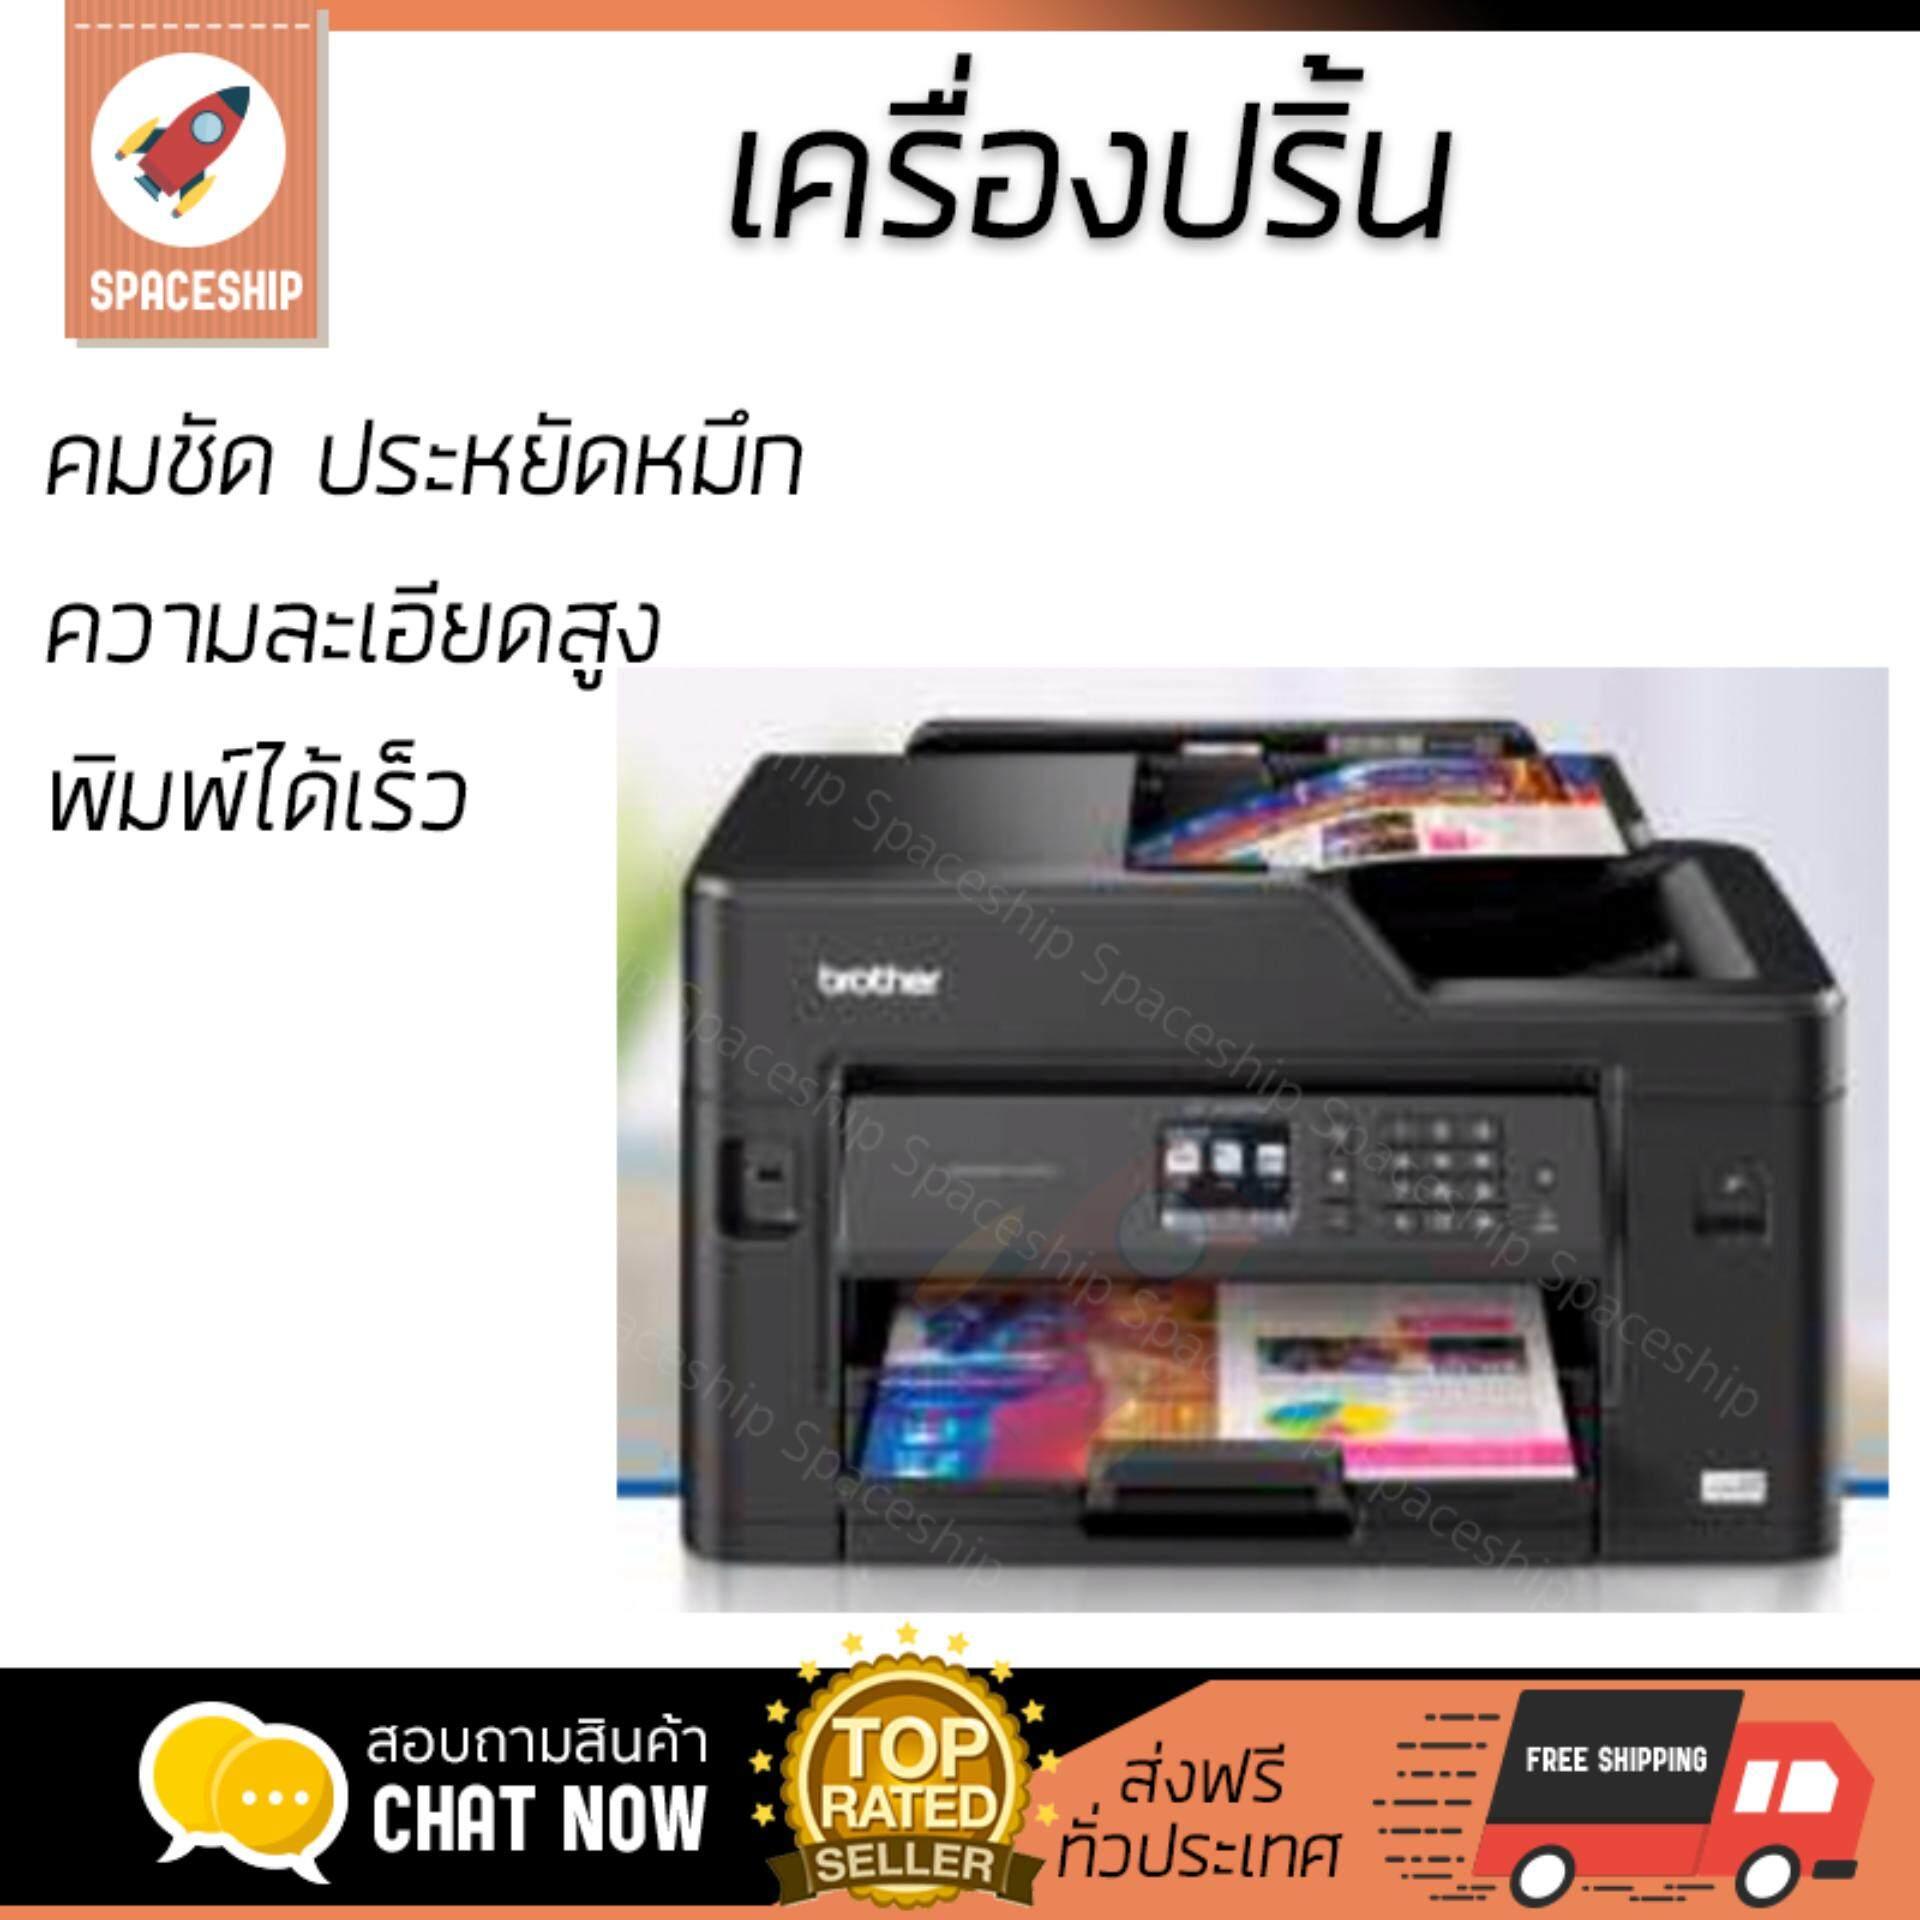 โปรโมชัน เครื่องพิมพ์เลเซอร์           BROTHER มัลติฟังก์ชั่น ปริ้นเตอร์ อิงค์เจ็ท 6 in 1 รุ่น MFC-J2330DW             ความละเอียดสูง คมชัด พิมพ์ได้รวดเร็ว เครื่องปริ้น เครื่องปริ้นท์ Laser Printer ร